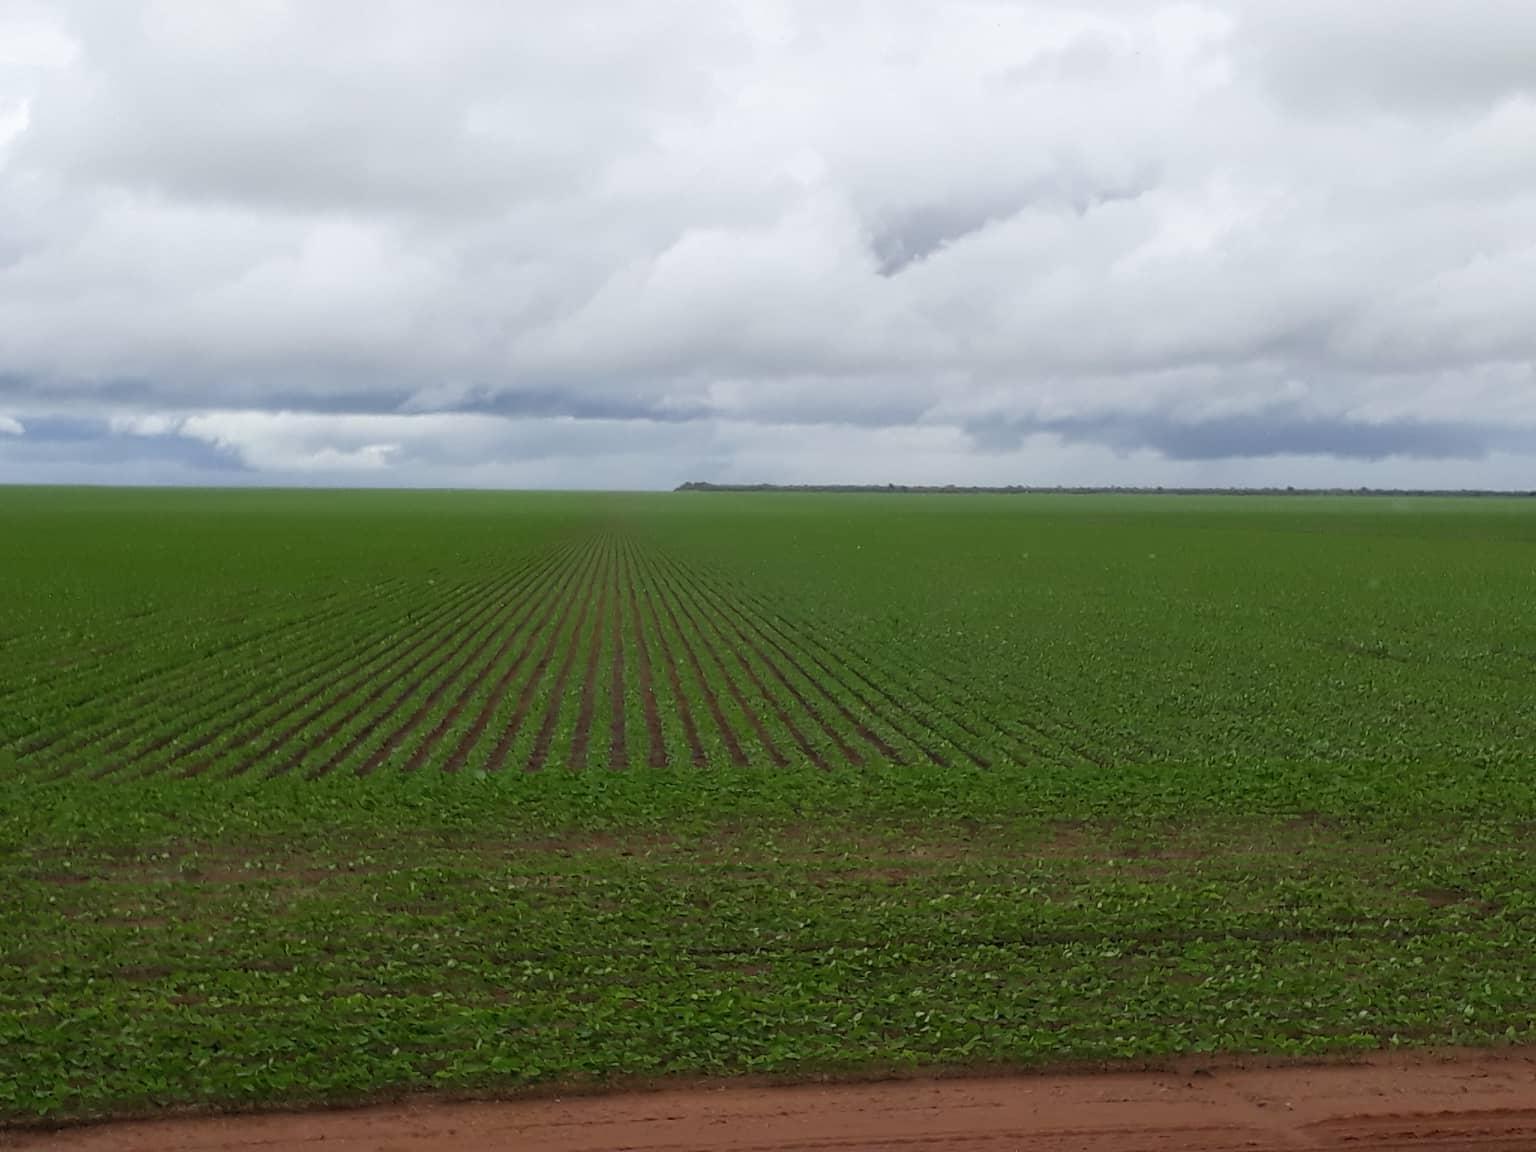 campos-de-soja--Soja-velden--1